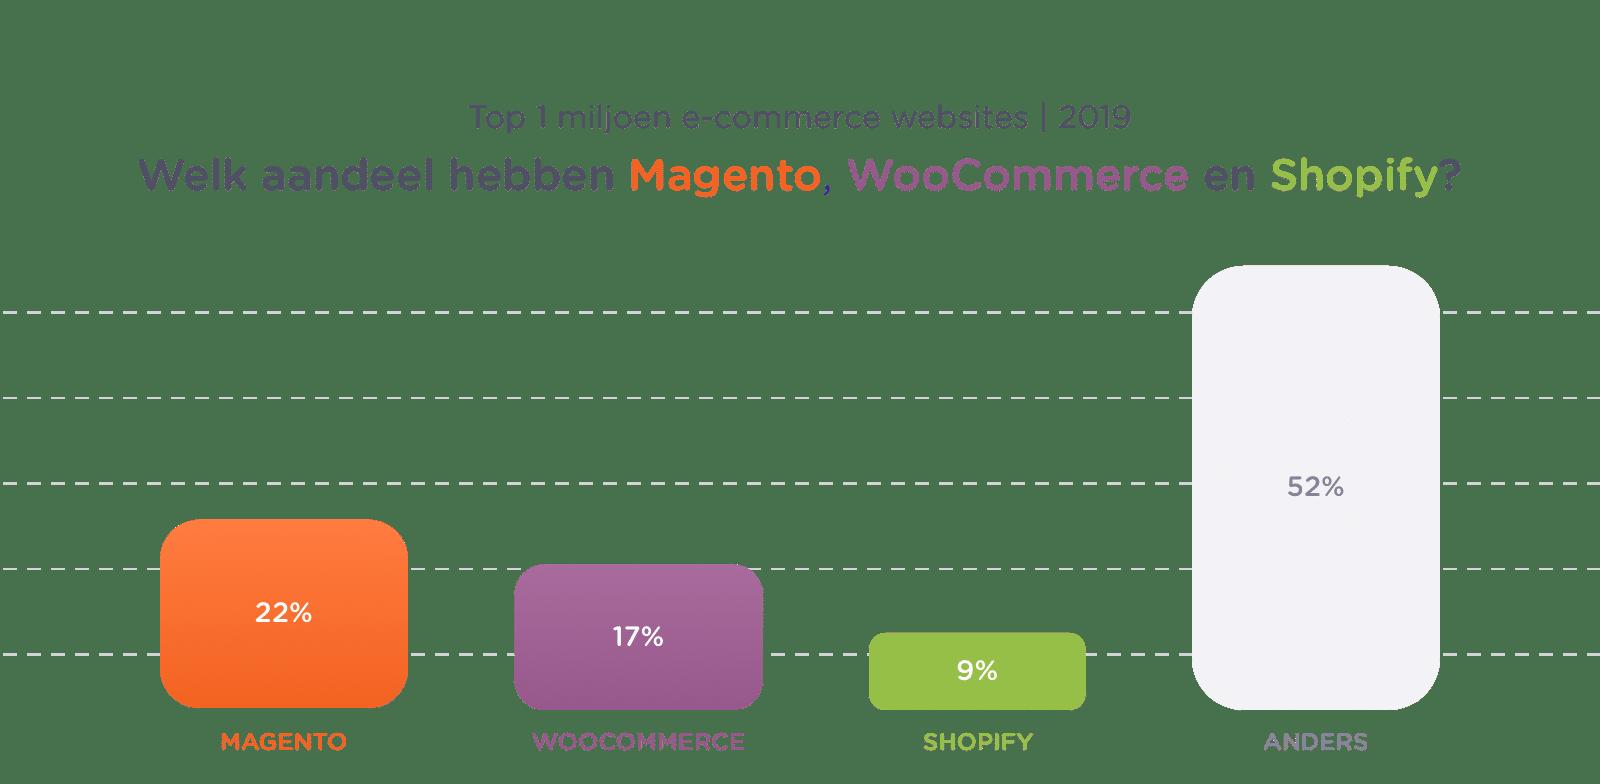 Grafiek van groei e-commerce platformen